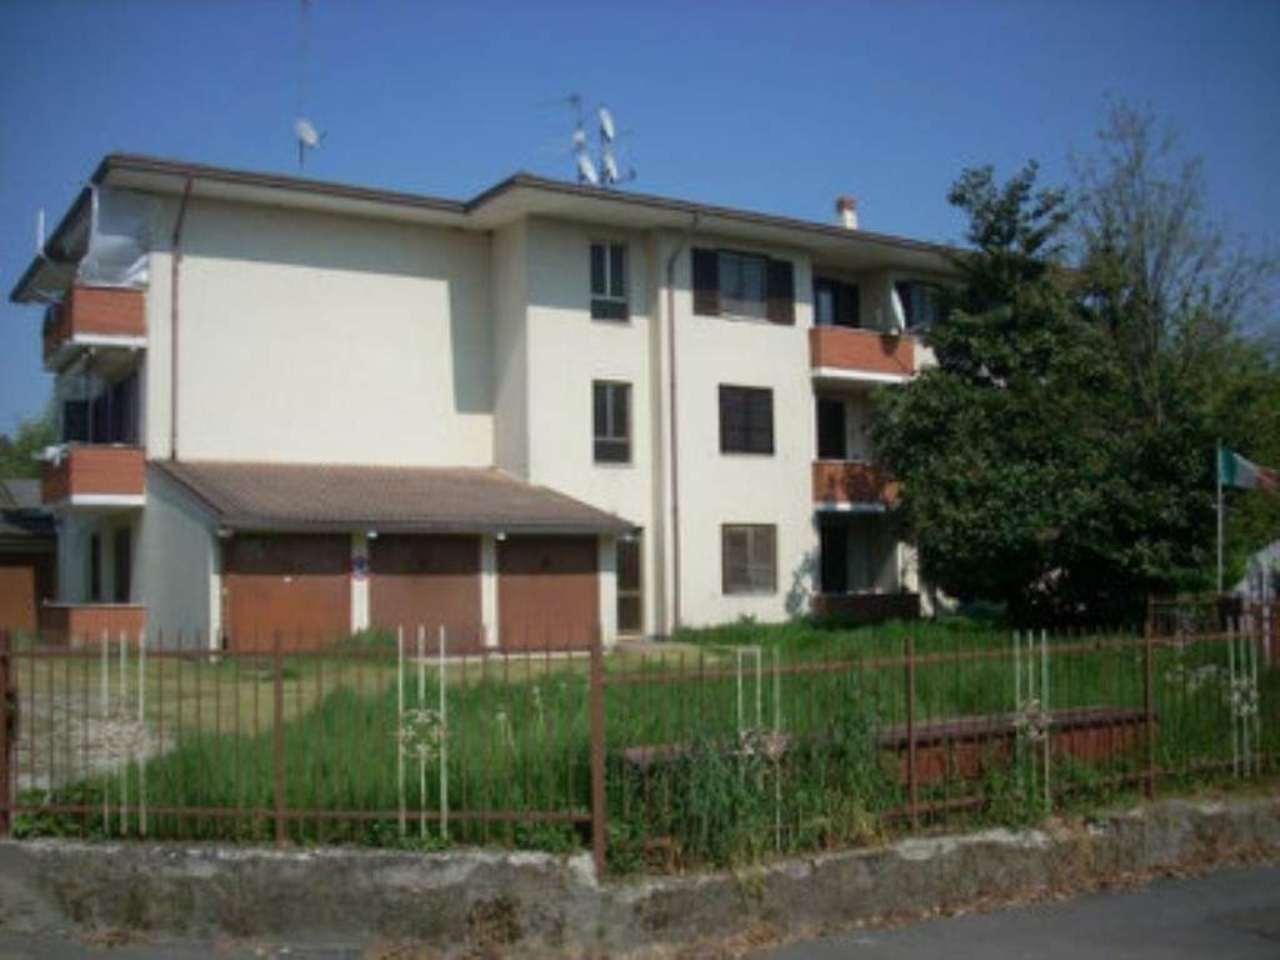 Appartamento in vendita a Credera Rubbiano, 3 locali, prezzo € 49.000 | Cambio Casa.it